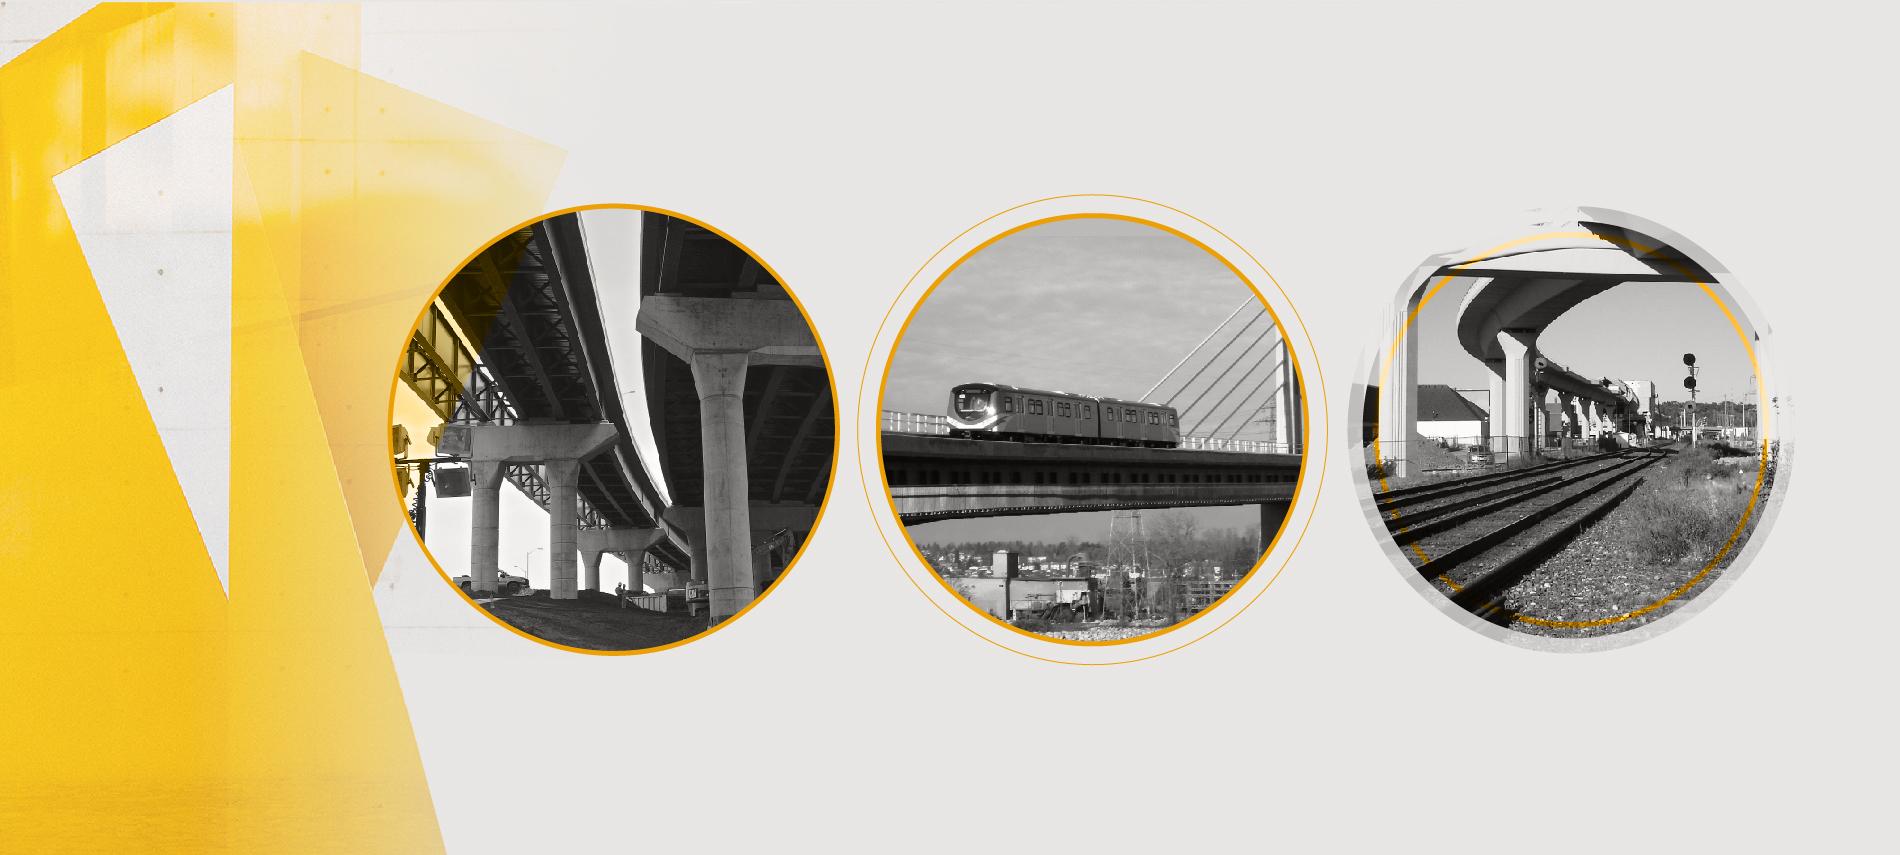 Three Bridge Designs